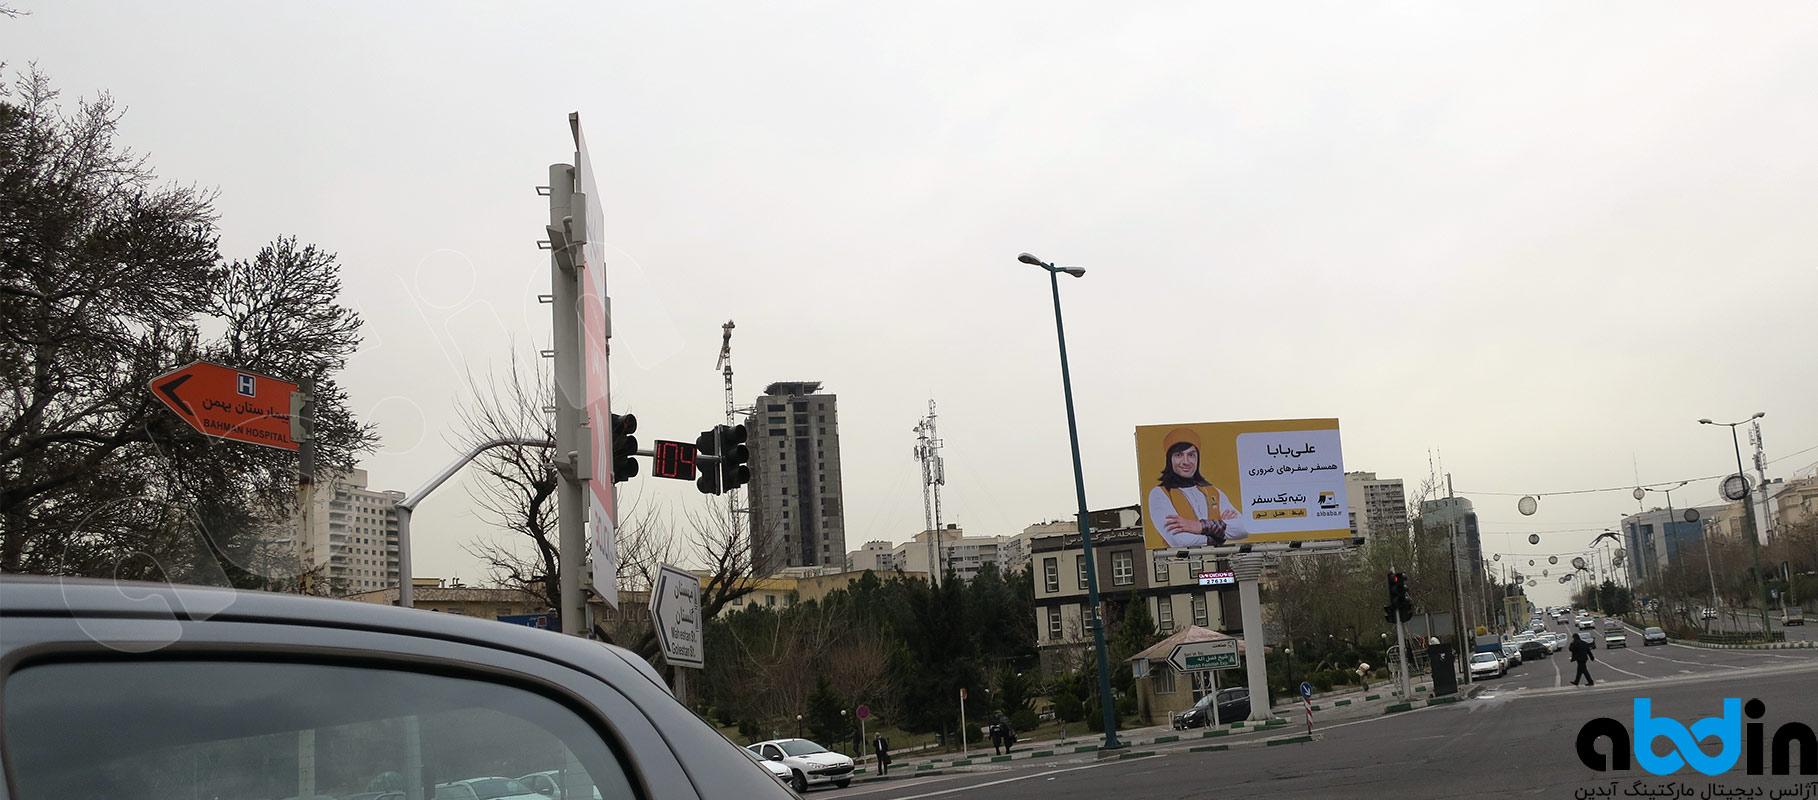 جایگاه بیلبورد خیابان خوردین نبش ایران زمین